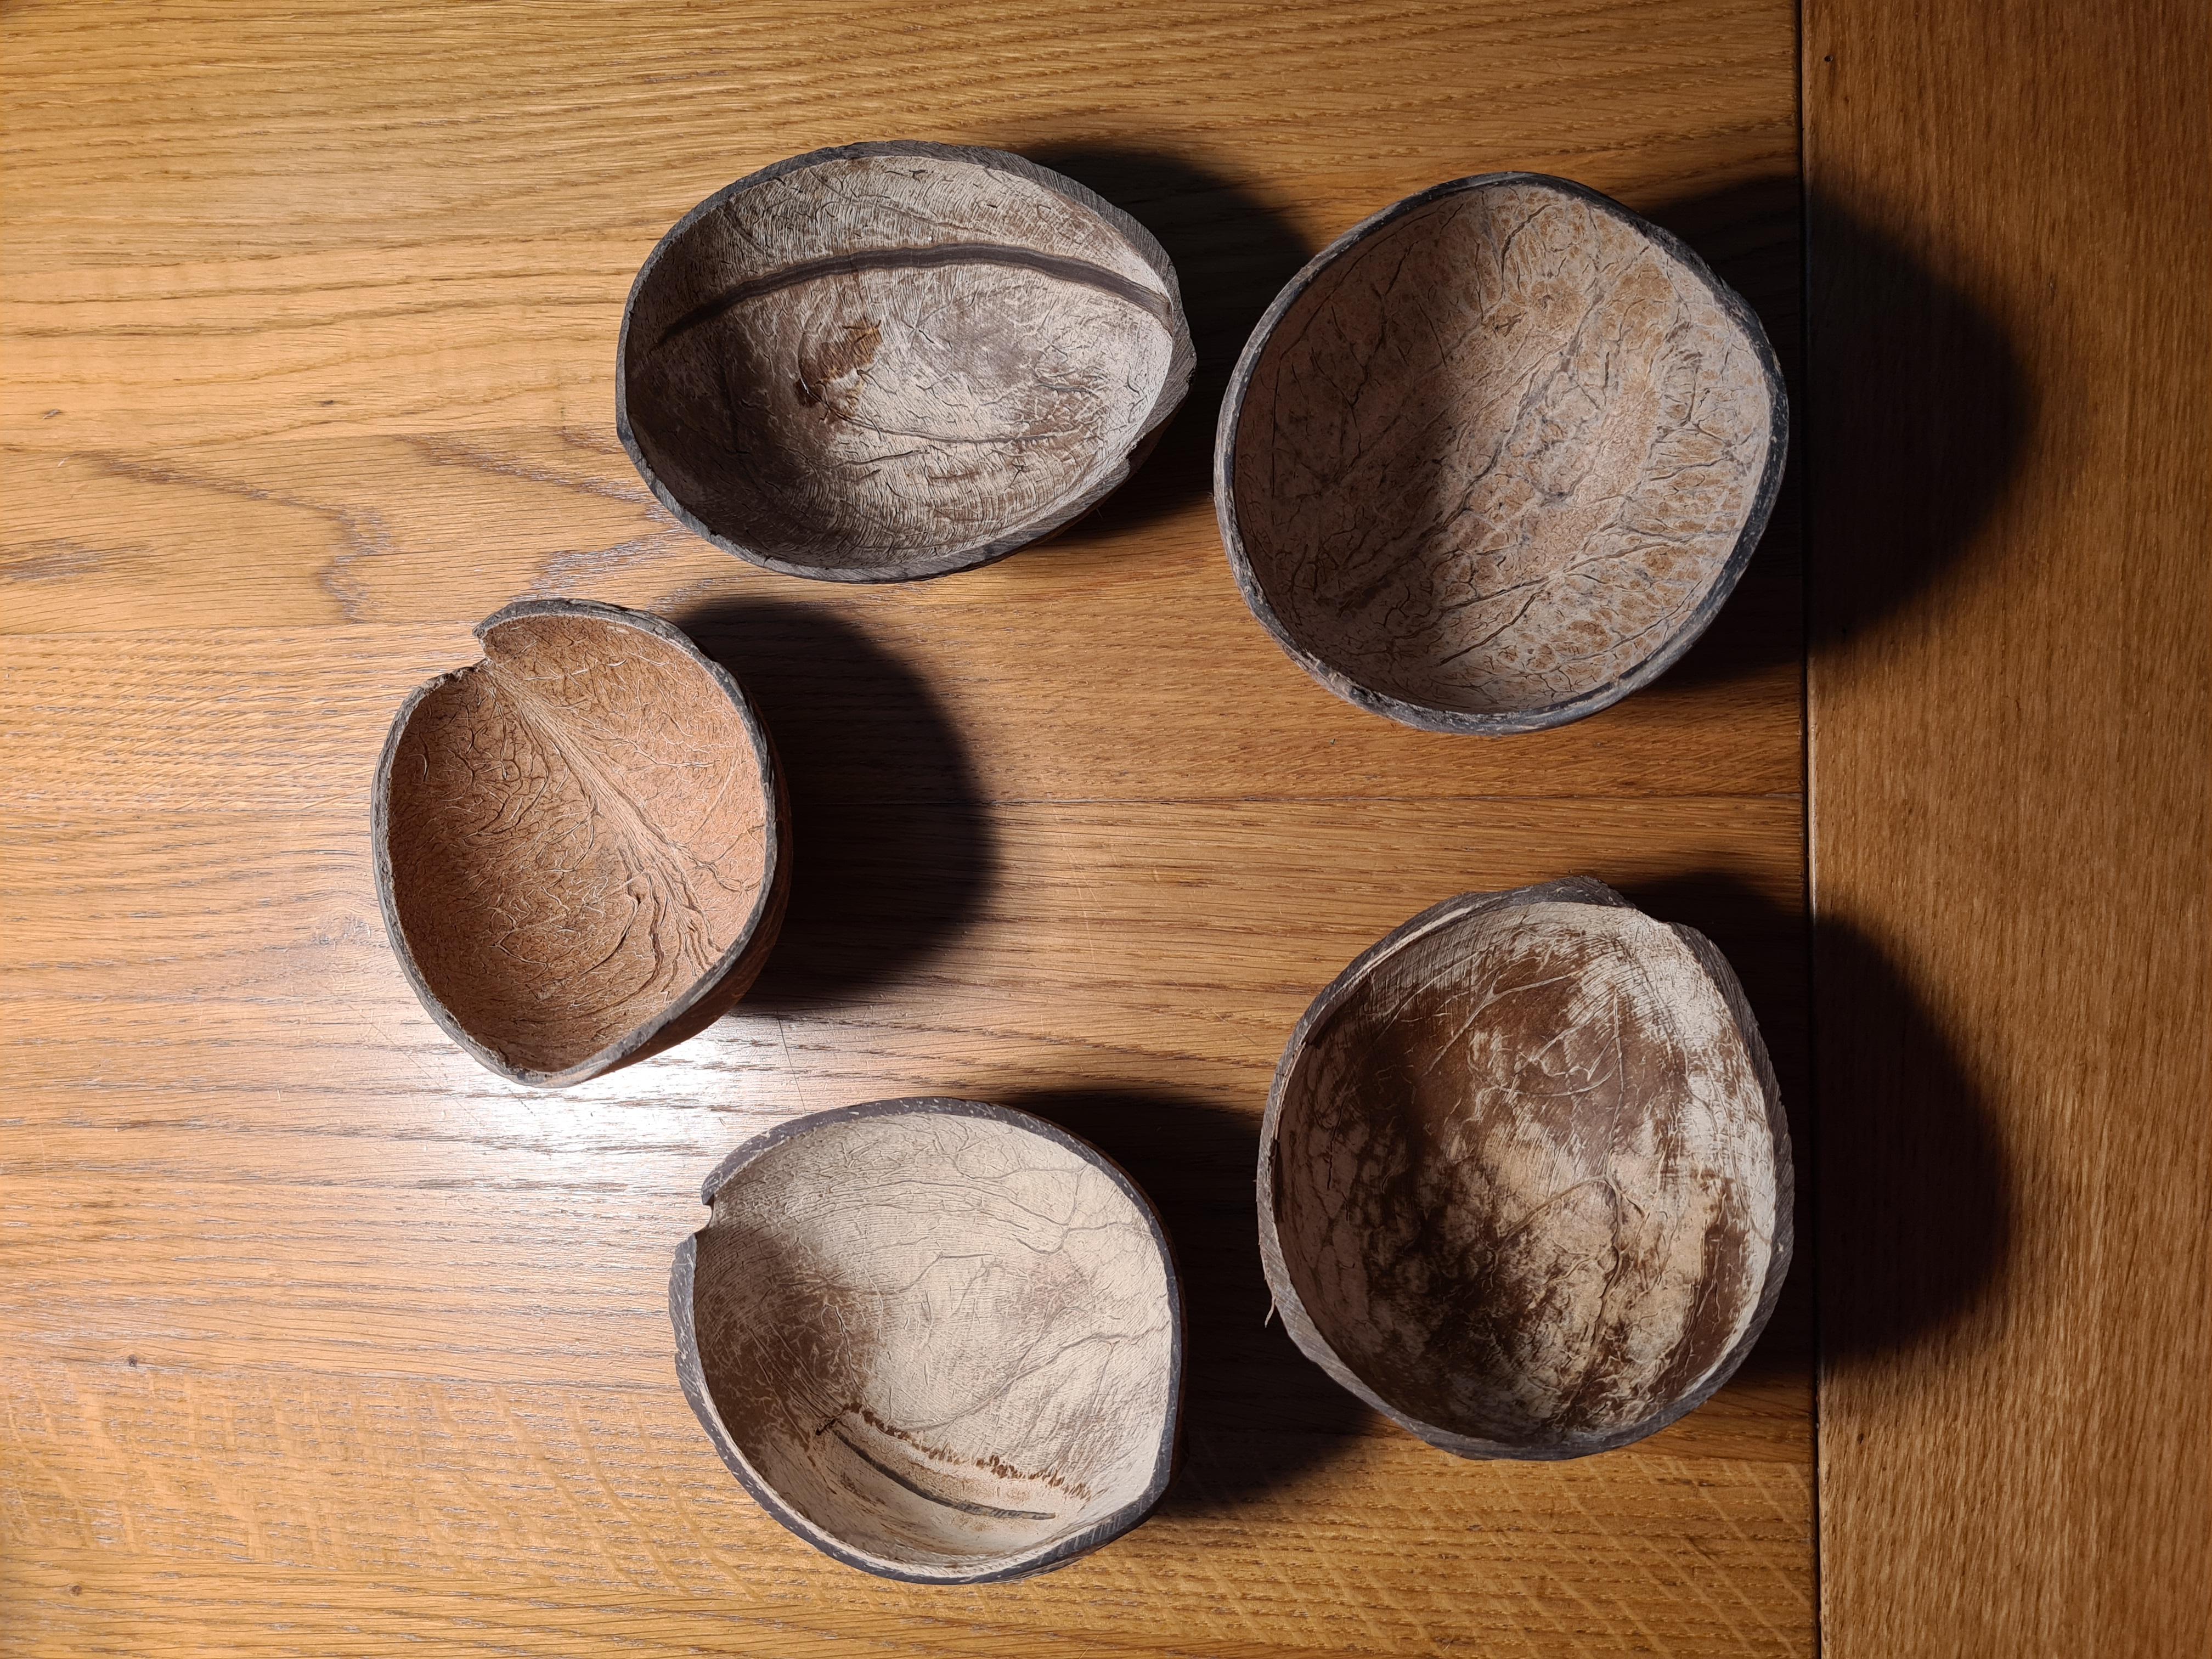 5 Kokosnusshälften  kostenlos